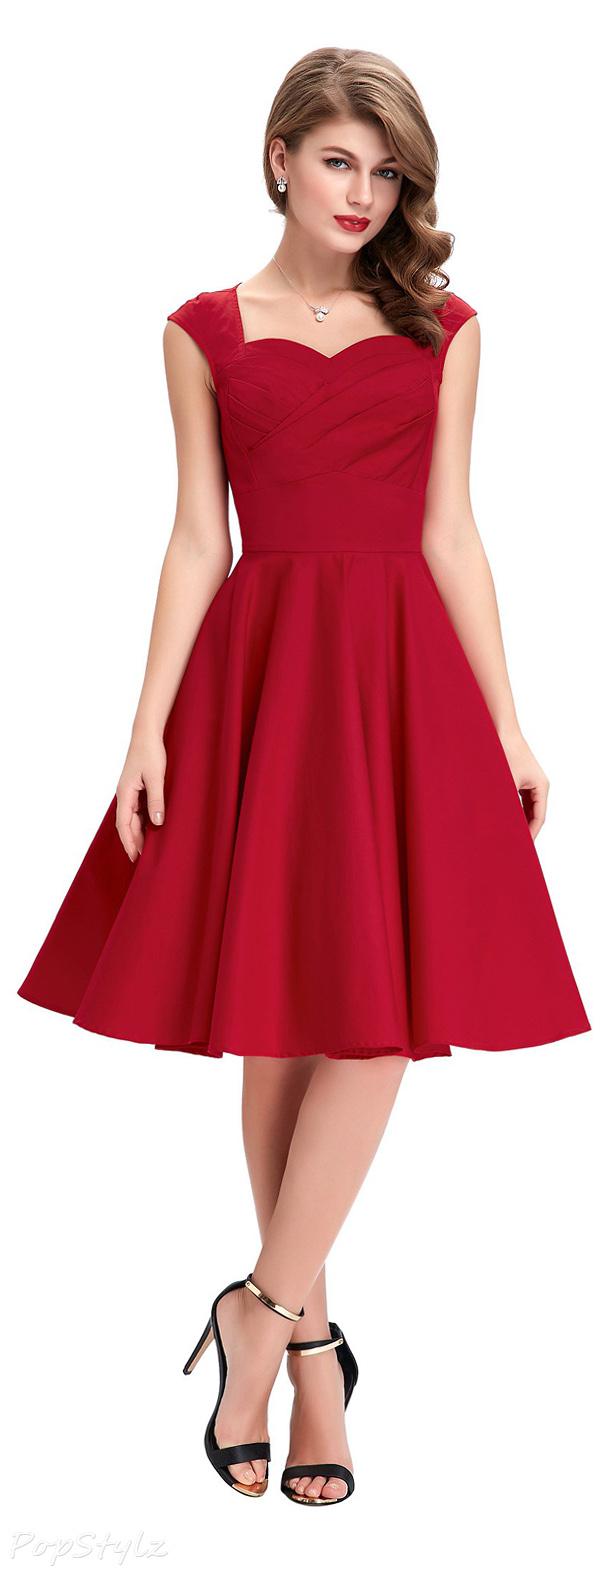 Belle Poque Sweetheart 50s Retro Swing Dress